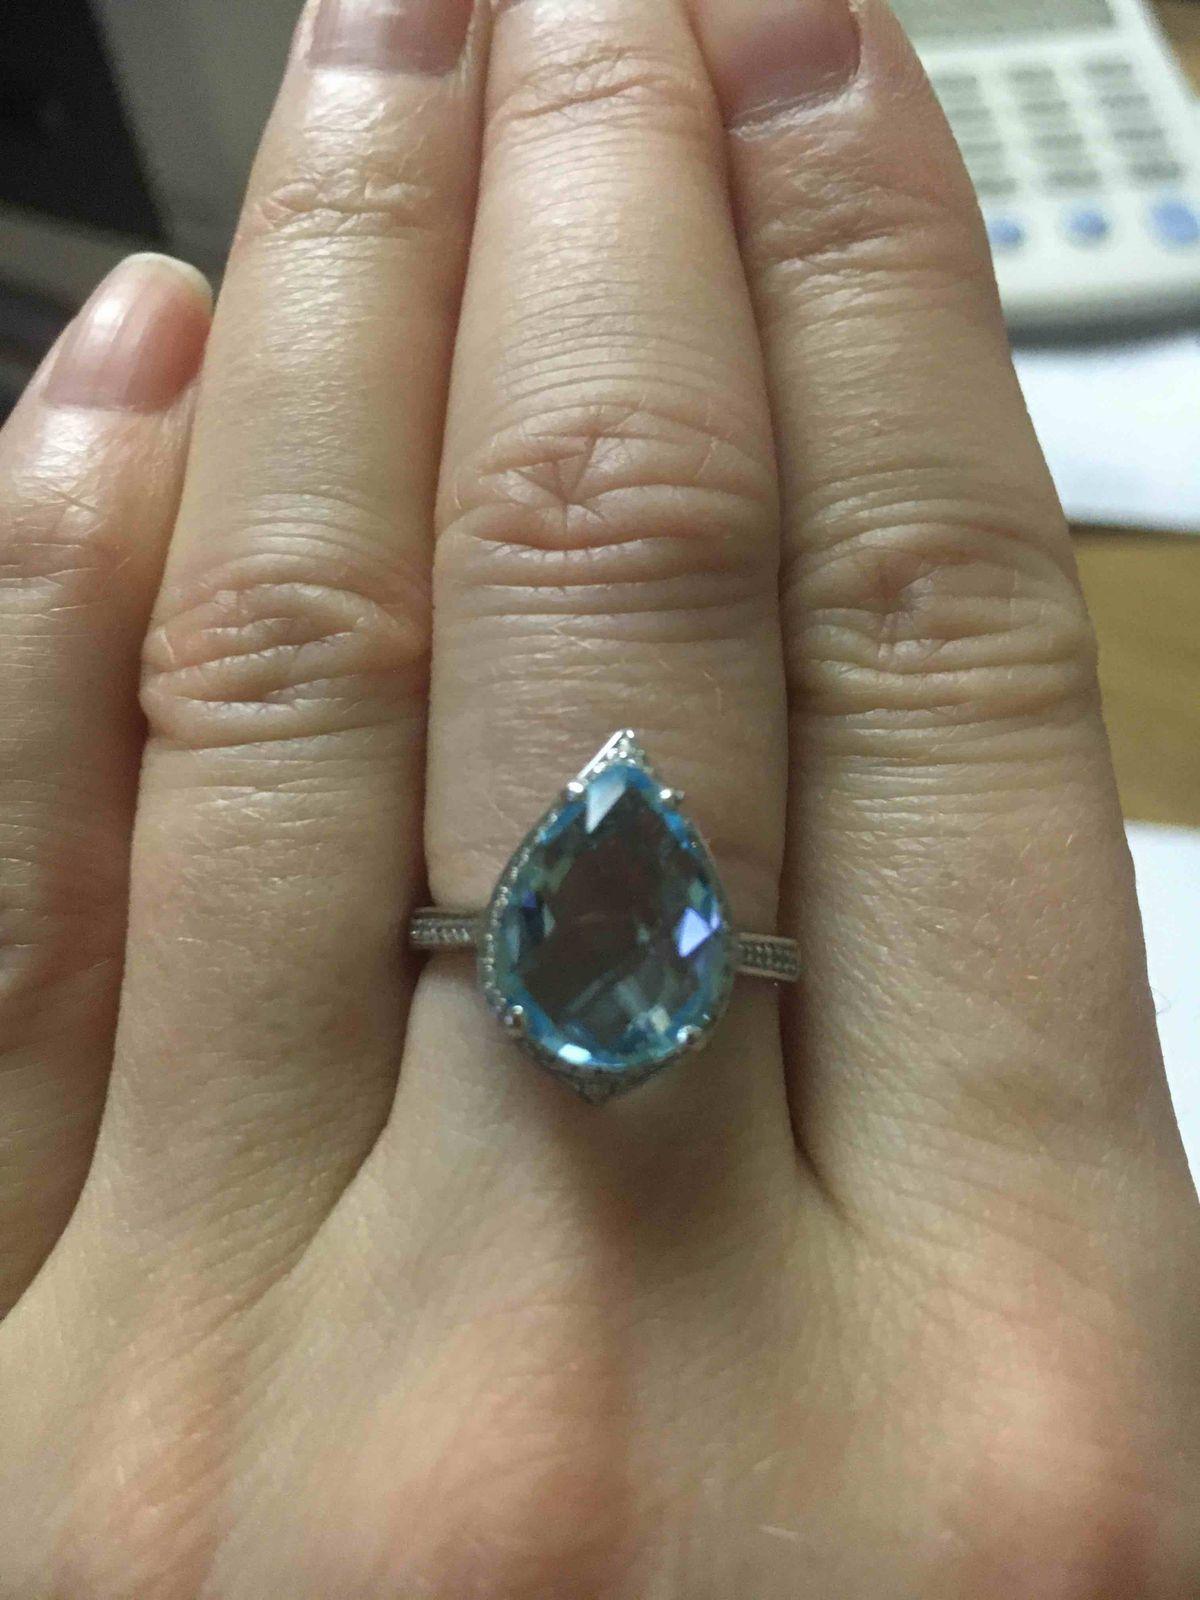 Заказала кольцо по приложению вместе с серьгами